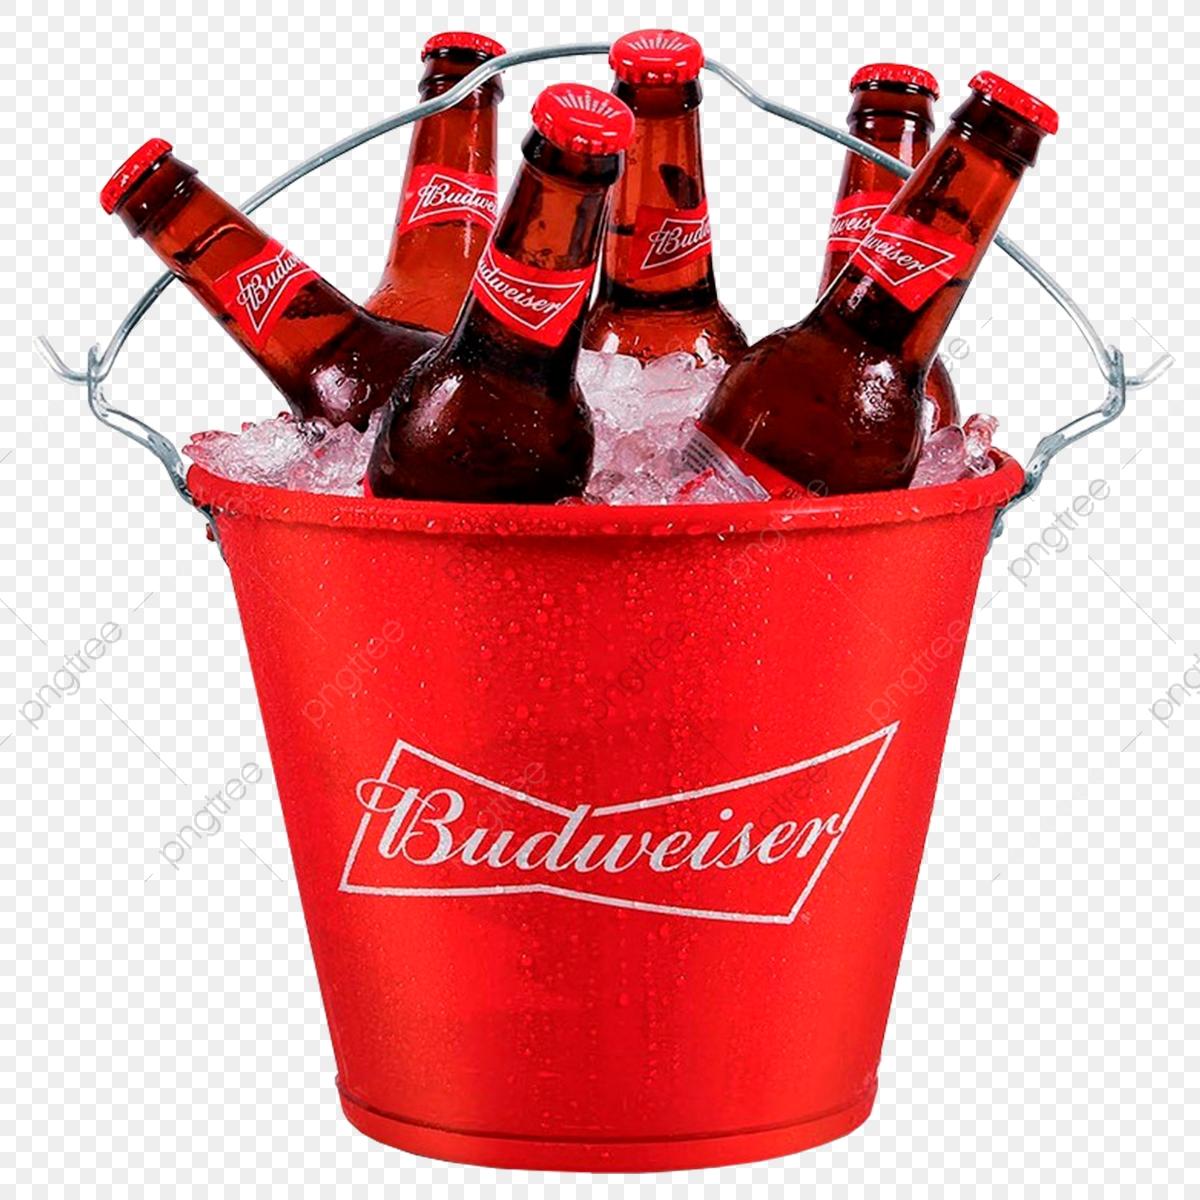 Balde Budweiser, Png, Balde, Long Neck PNG Transparent Clipart Image.